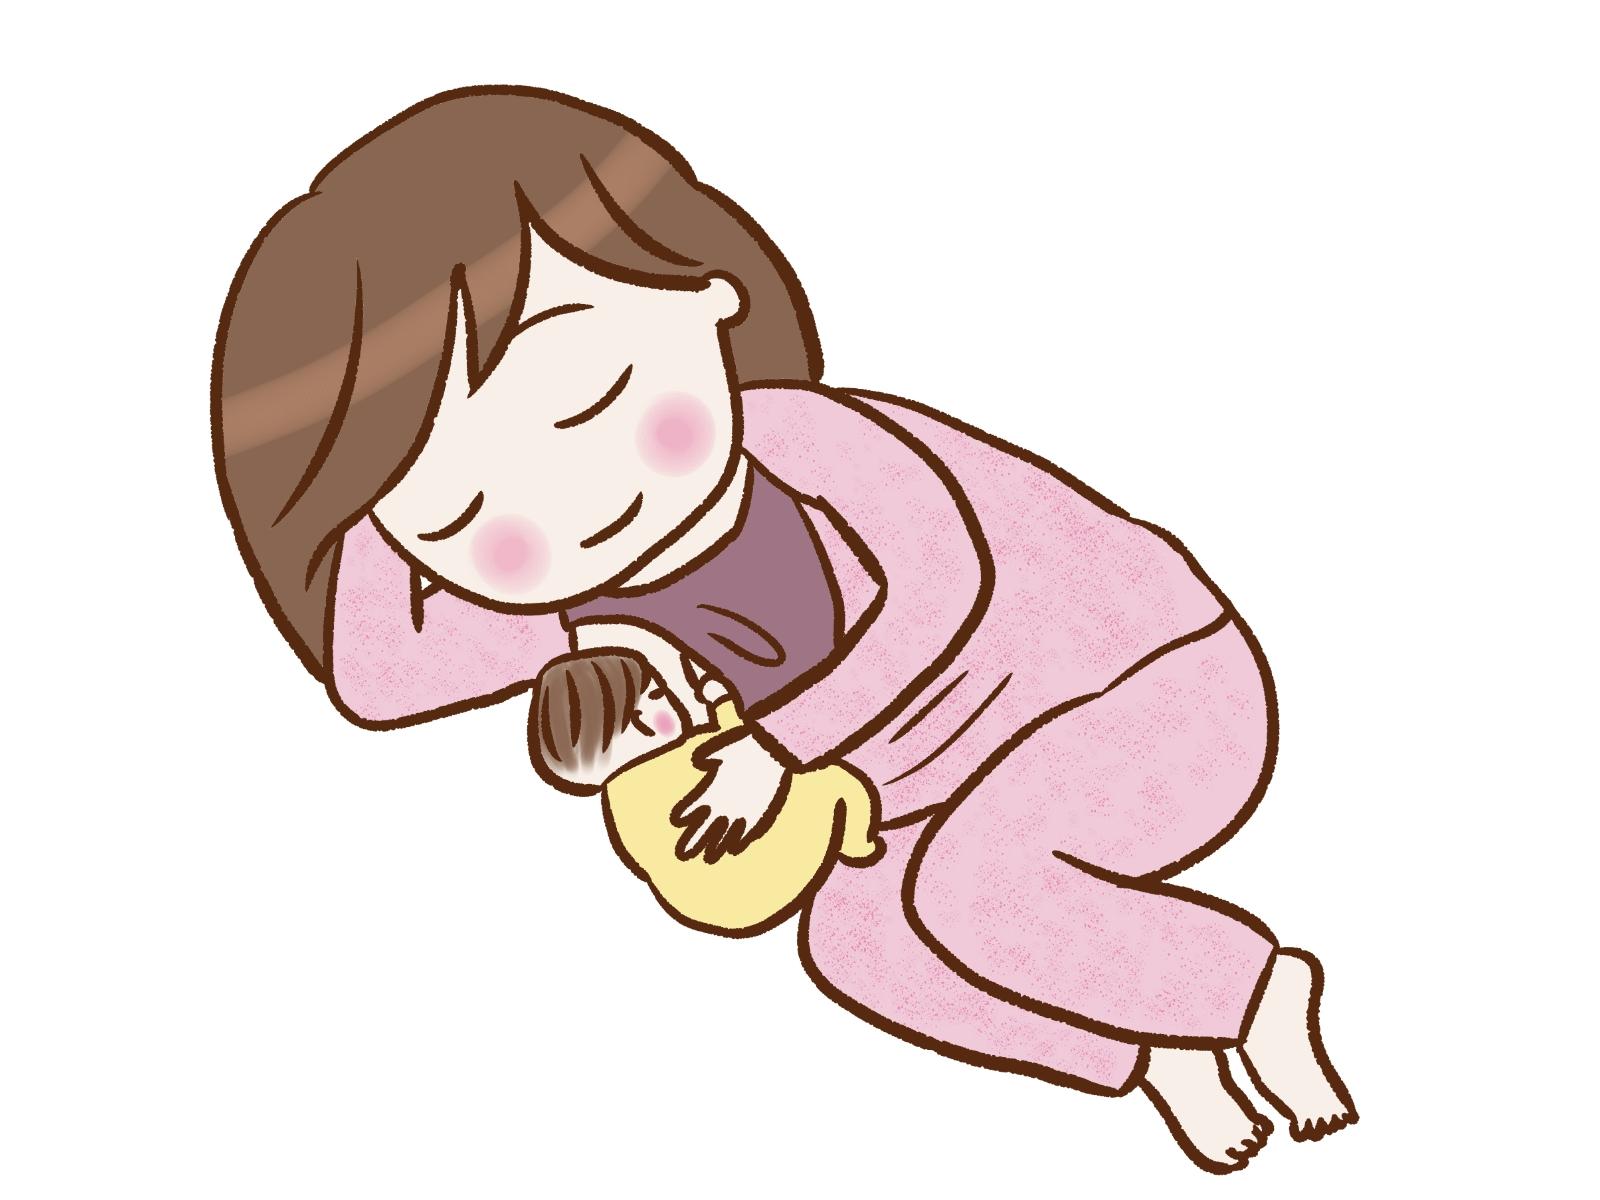 出産準備 は 産後 まで見通して!「産前・産後の母親サロン@長岡」のお知らせ